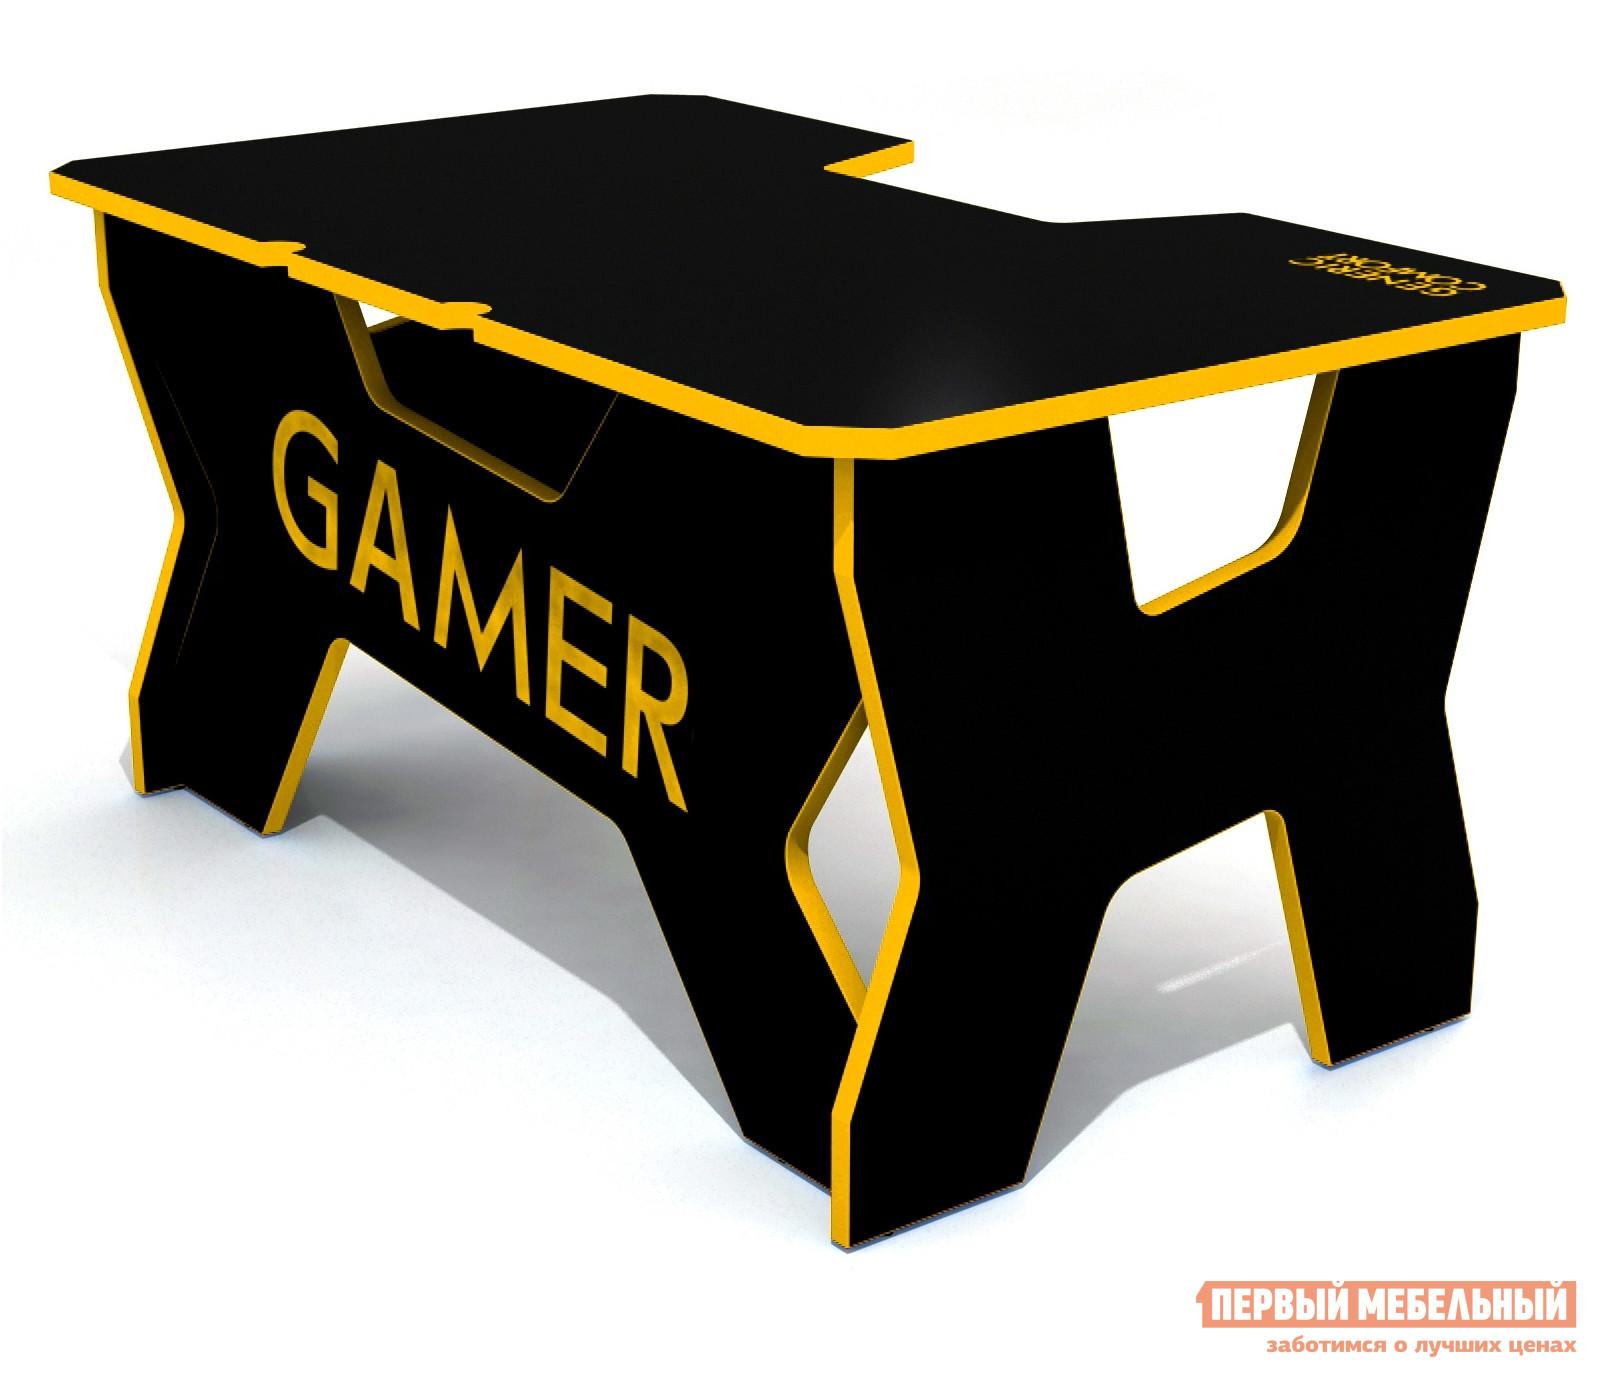 Компьютерный стол DxRacer Generic Comfort Gamer2/N Черный / ЖелтыйКомпьютерные столы<br>Габаритные размеры ВхШхГ 750x1500x900 мм. Стол Дженерик Комфорт 2 разработан специально для людей проводящих много часов перед монитором.  Модель изготавливается в нескольких цветовых вариантах, что позволяет подобрать стол, подходящий к креслу и другим игровым девайсам. Столешница размером 1500 х 900 мм позволит разместить большой монитор, технику и оборудование.  Ниша в форме трапеции позволяет положить локти, благодаря чему руки не будут уставать от долгого пребывания за столом.  Размер ниши: глубина 20 см, ширина у переднего края 55 см, ширина внутренняя — 40 см. Округлые вырезы на задней части столешницы сделаны для удобства размещения проводов.  А вырез на задней стенке позволят расслабиться и отдохнуть, вытянув ноги вперед. Изделие выполняется из ЛДСП толщиной 25 мм.  Надежная конструкция позволяет столу Generic Comfort Gamer2/N выдерживать нагрузку до 120 кг.  Все детали обработаны специальным покрытием, устойчивым к влаге и механическим повреждениям.<br><br>Цвет: Черный<br>Цвет: Желтый<br>Высота мм: 750<br>Ширина мм: 1500<br>Глубина мм: 900<br>Кол-во упаковок: 1<br>Форма поставки: В разобранном виде<br>Срок гарантии: 2 года<br>Тип: Прямые<br>Материал: Дерево<br>Материал: ЛДСП<br>Размер: Большие<br>Размер: Ширина 150 см<br>Без надстройки: Да<br>Стиль: Хай-тек